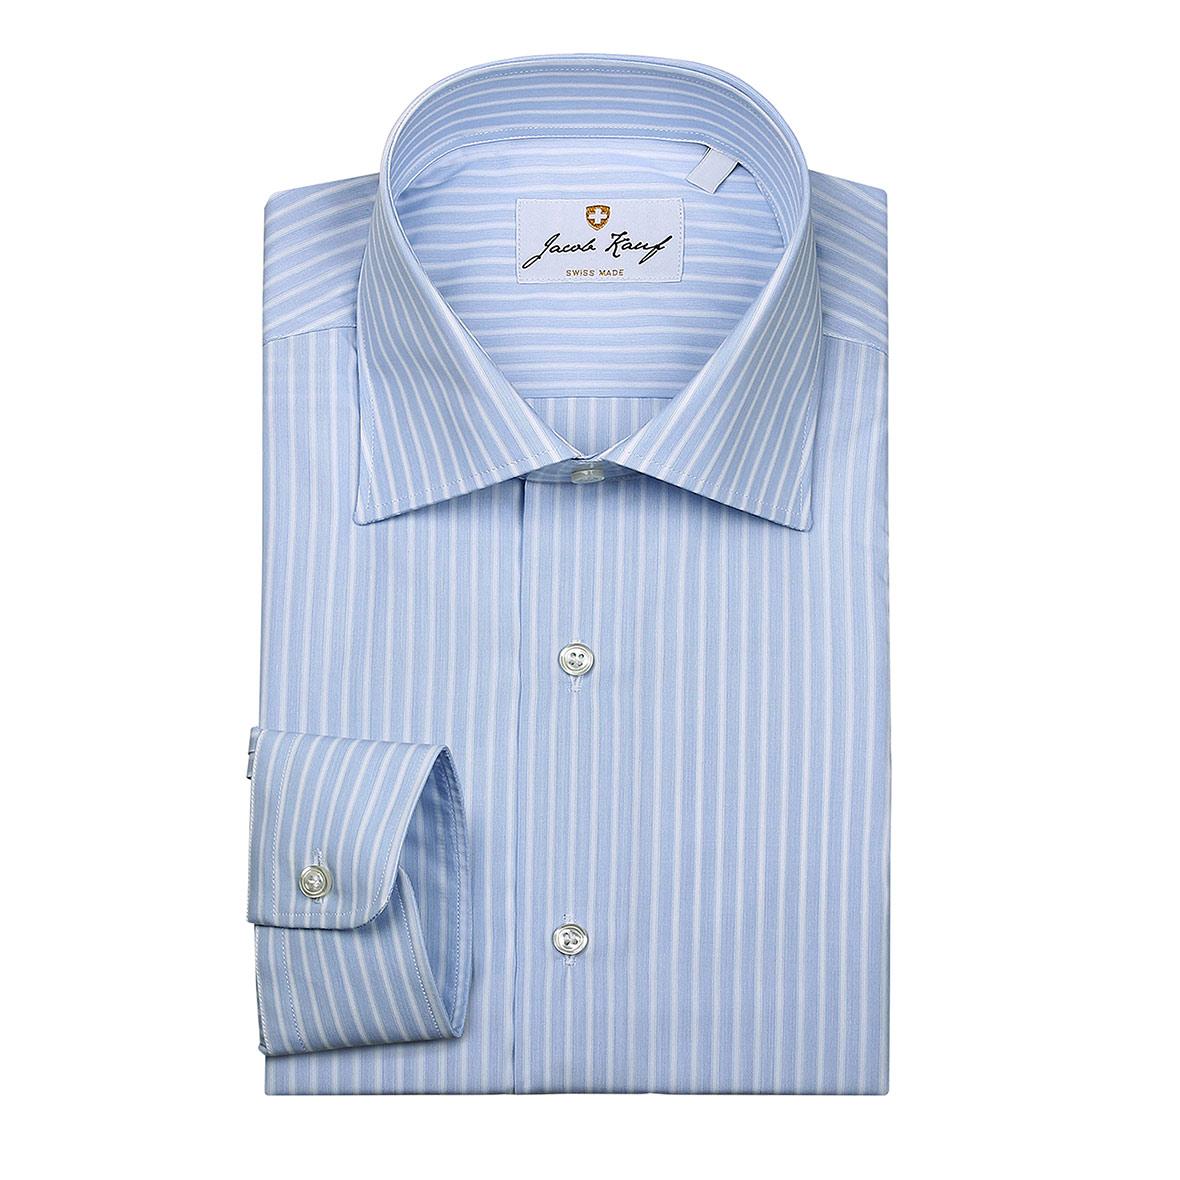 Schweizer Hemd Jacob Kauf, breit gestreift, blau-weiss